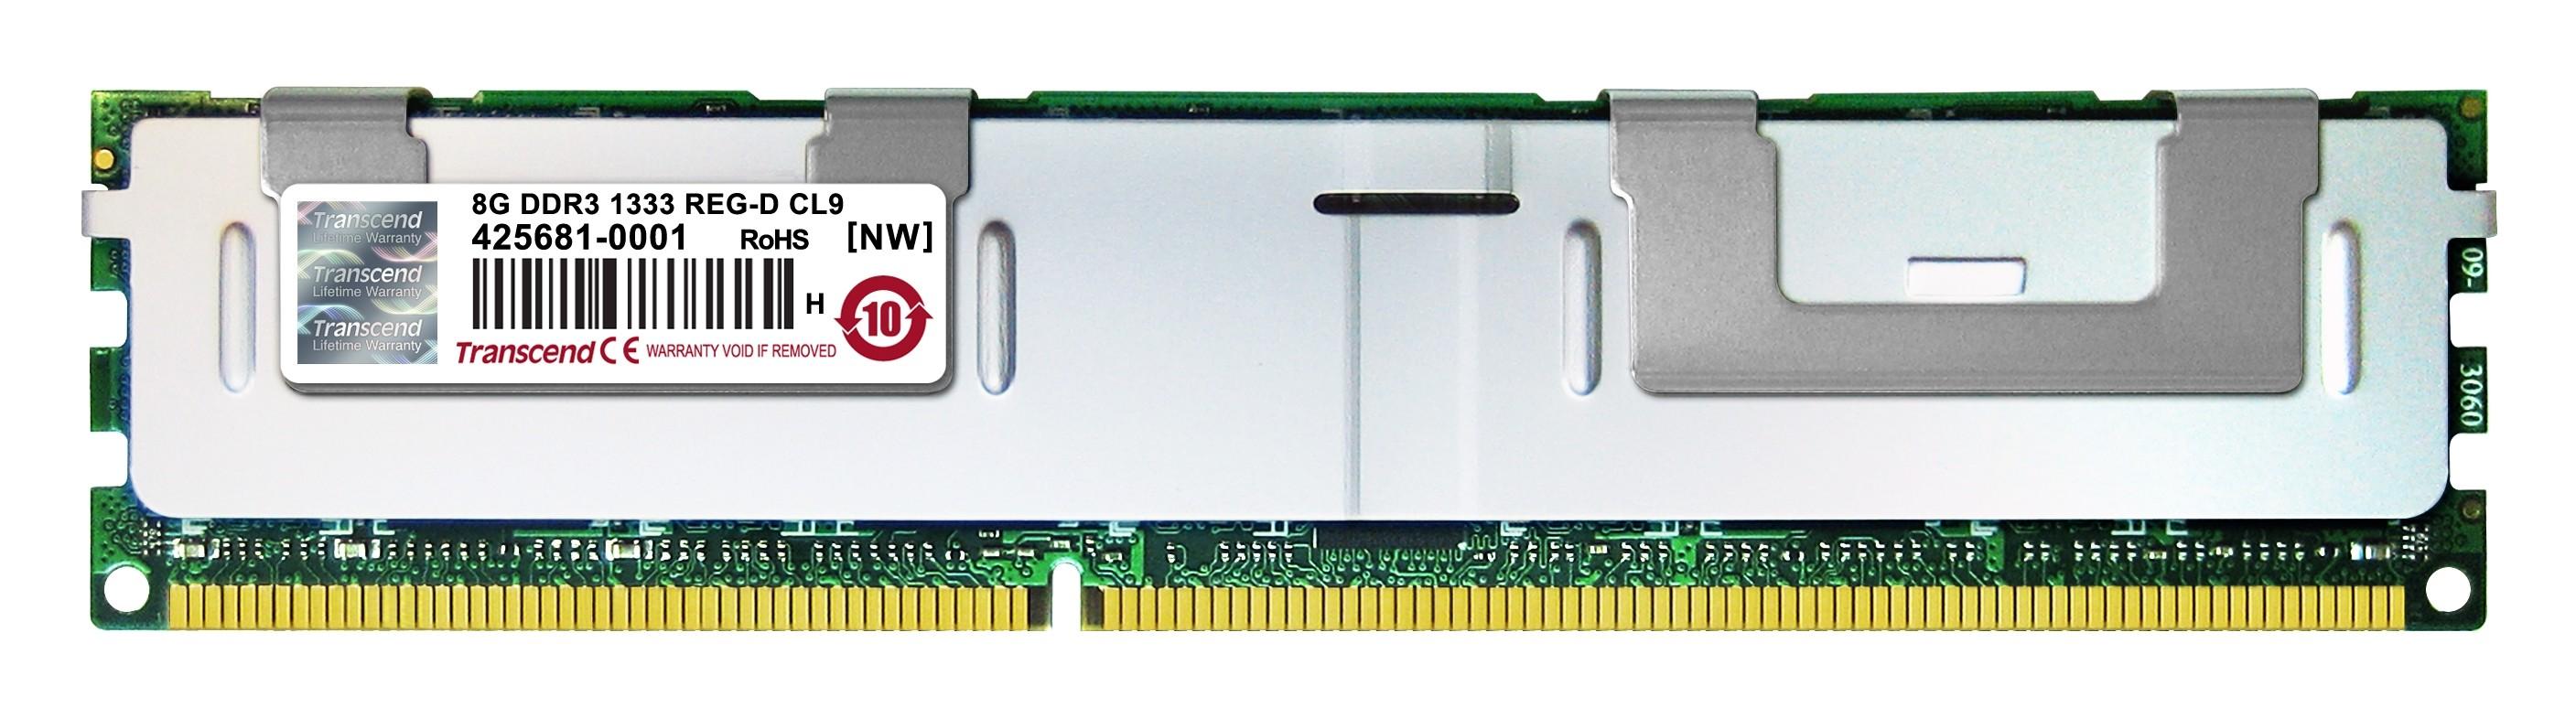 Оперативна пам'ять DDR3 ECC RDIMM 8GB (TS1GKR72V3N)